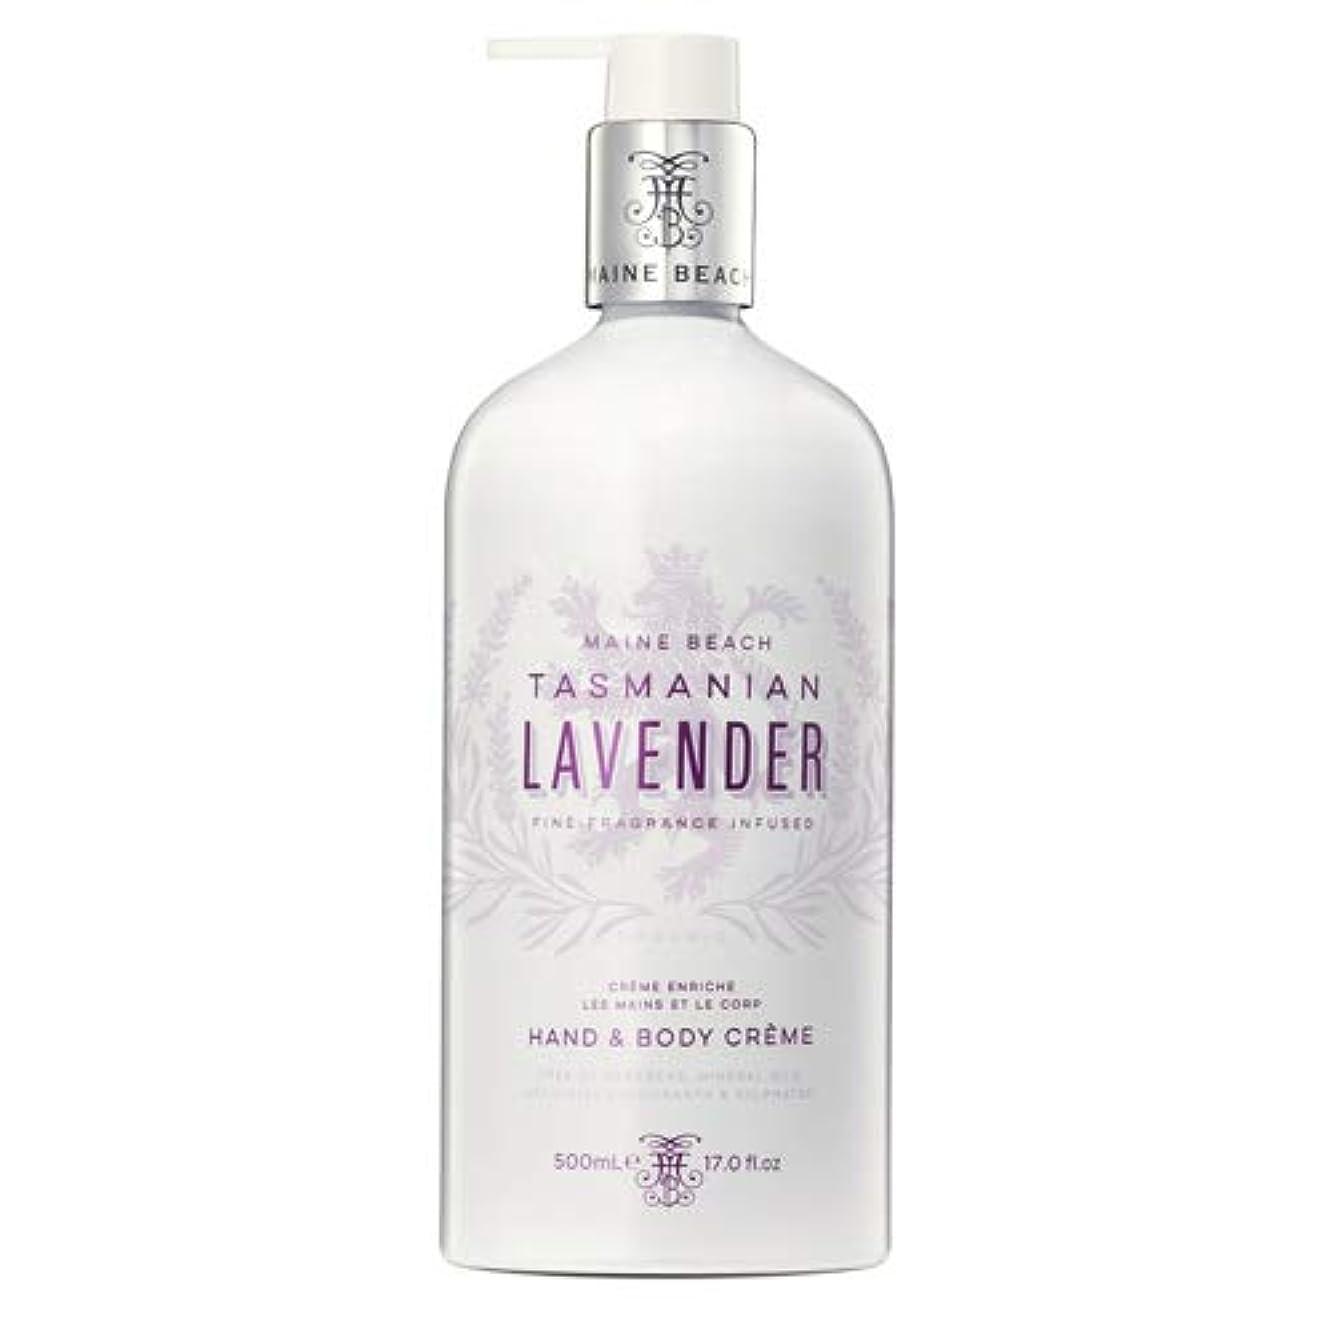 ハイジャック不和アルコールMAINE BEACH マインビーチ TASMANIAN LAVENDER タスマニアン ラベンダー Hand&Body Cream Lotion ハンド&ボディクリームローション